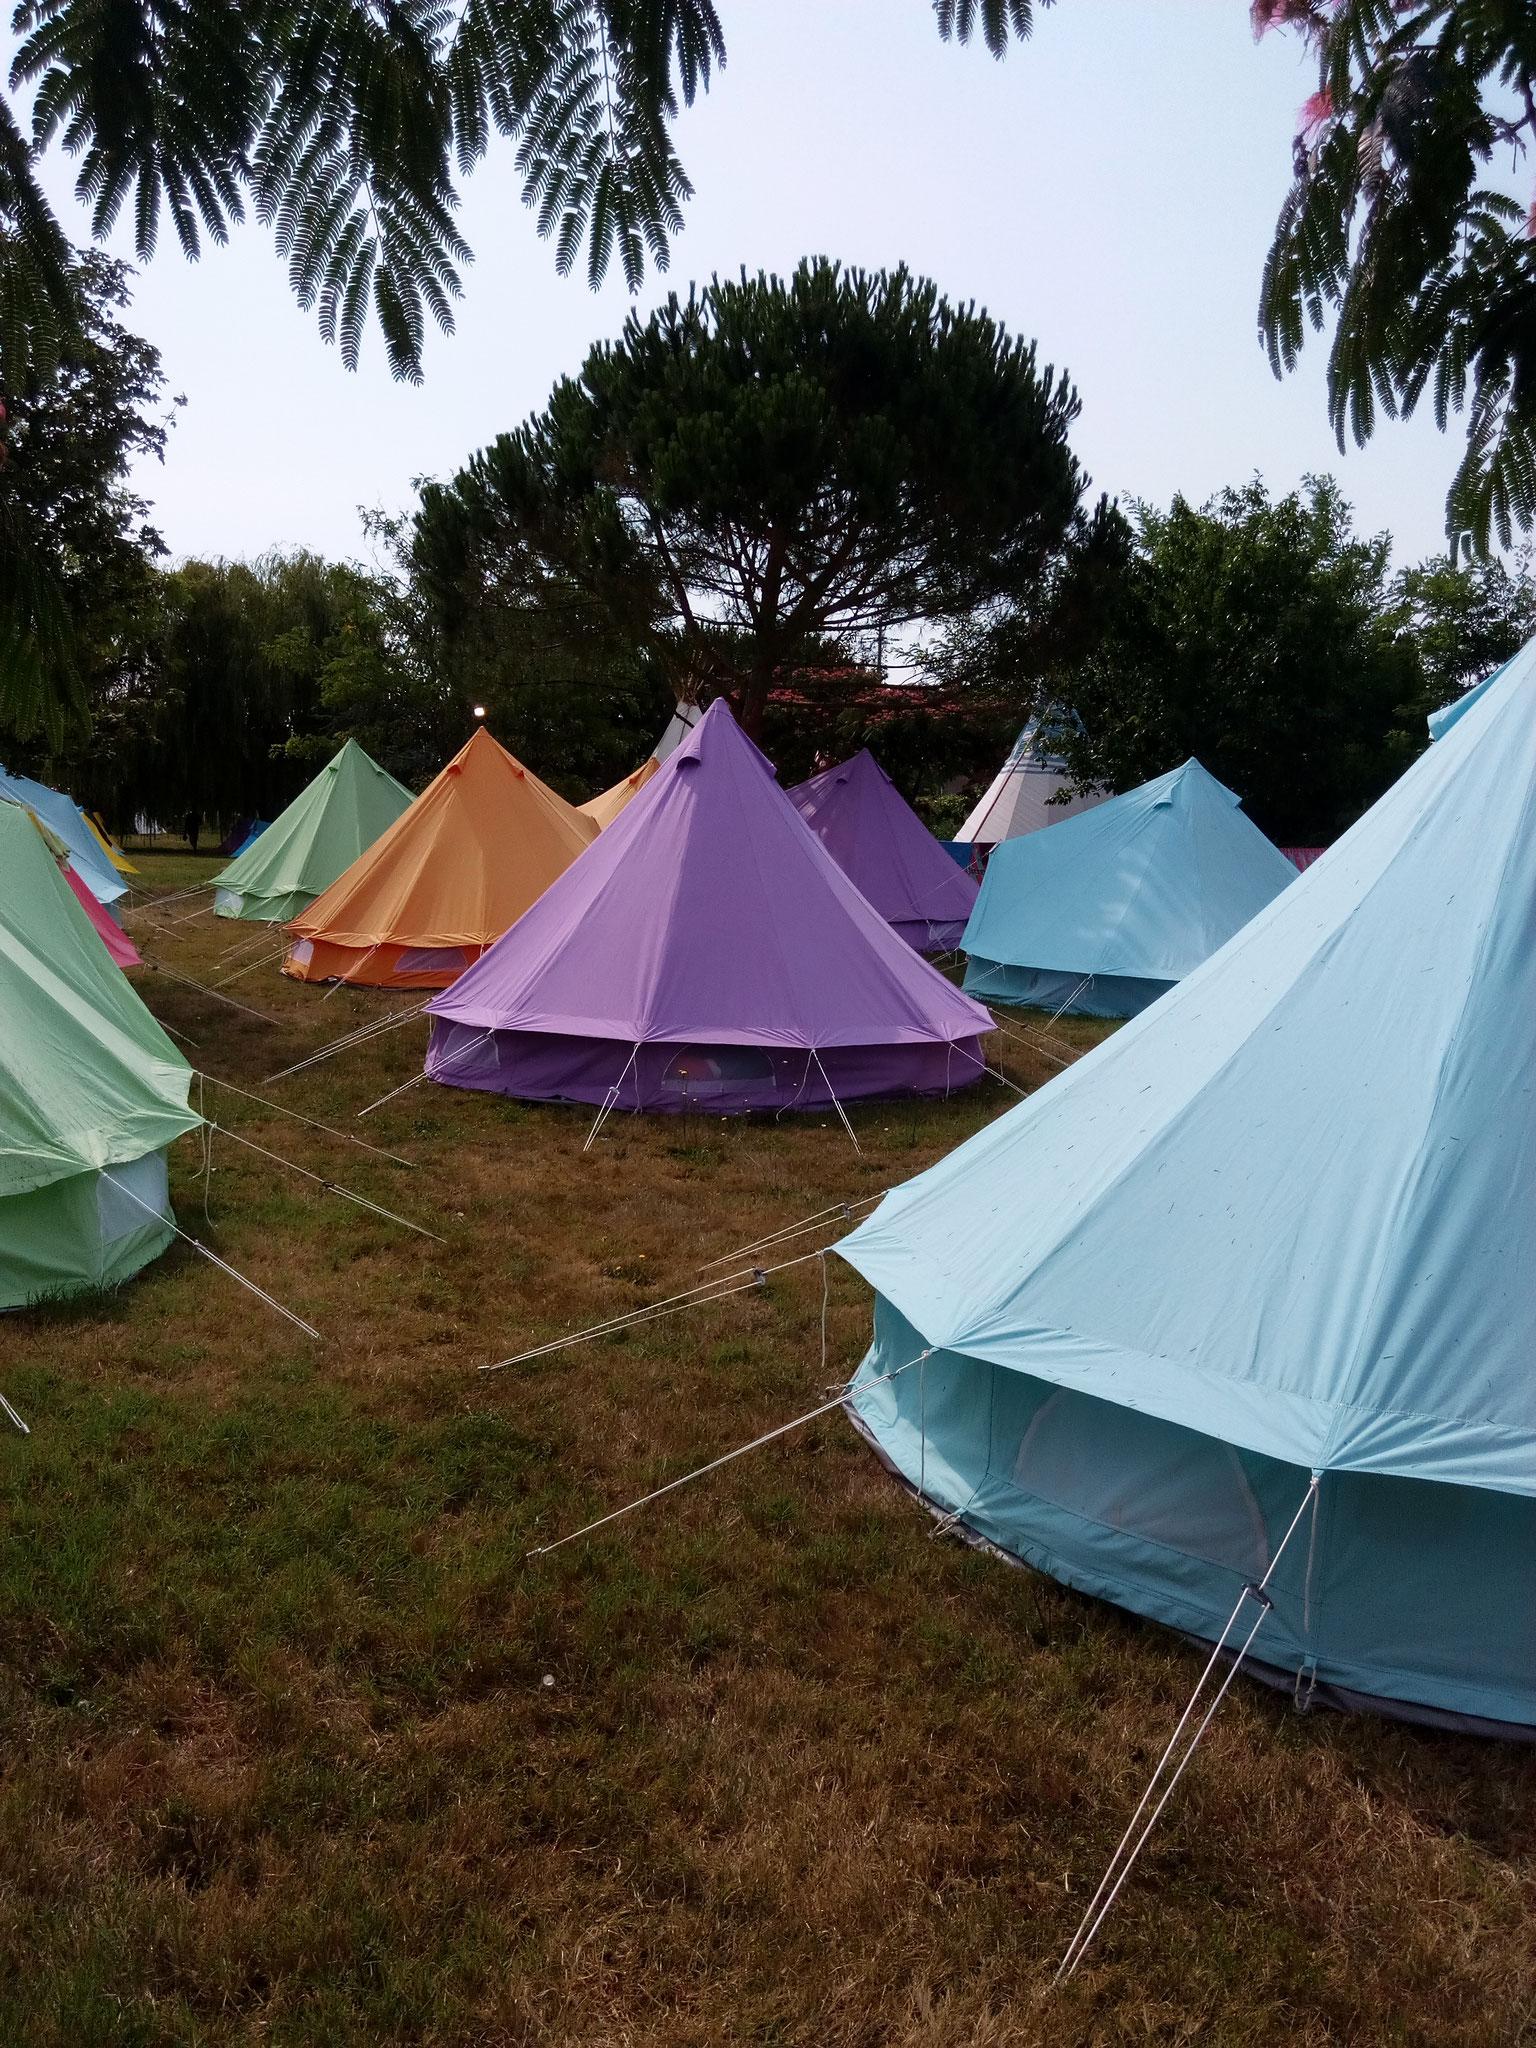 Des tentes aux couleurs pastel